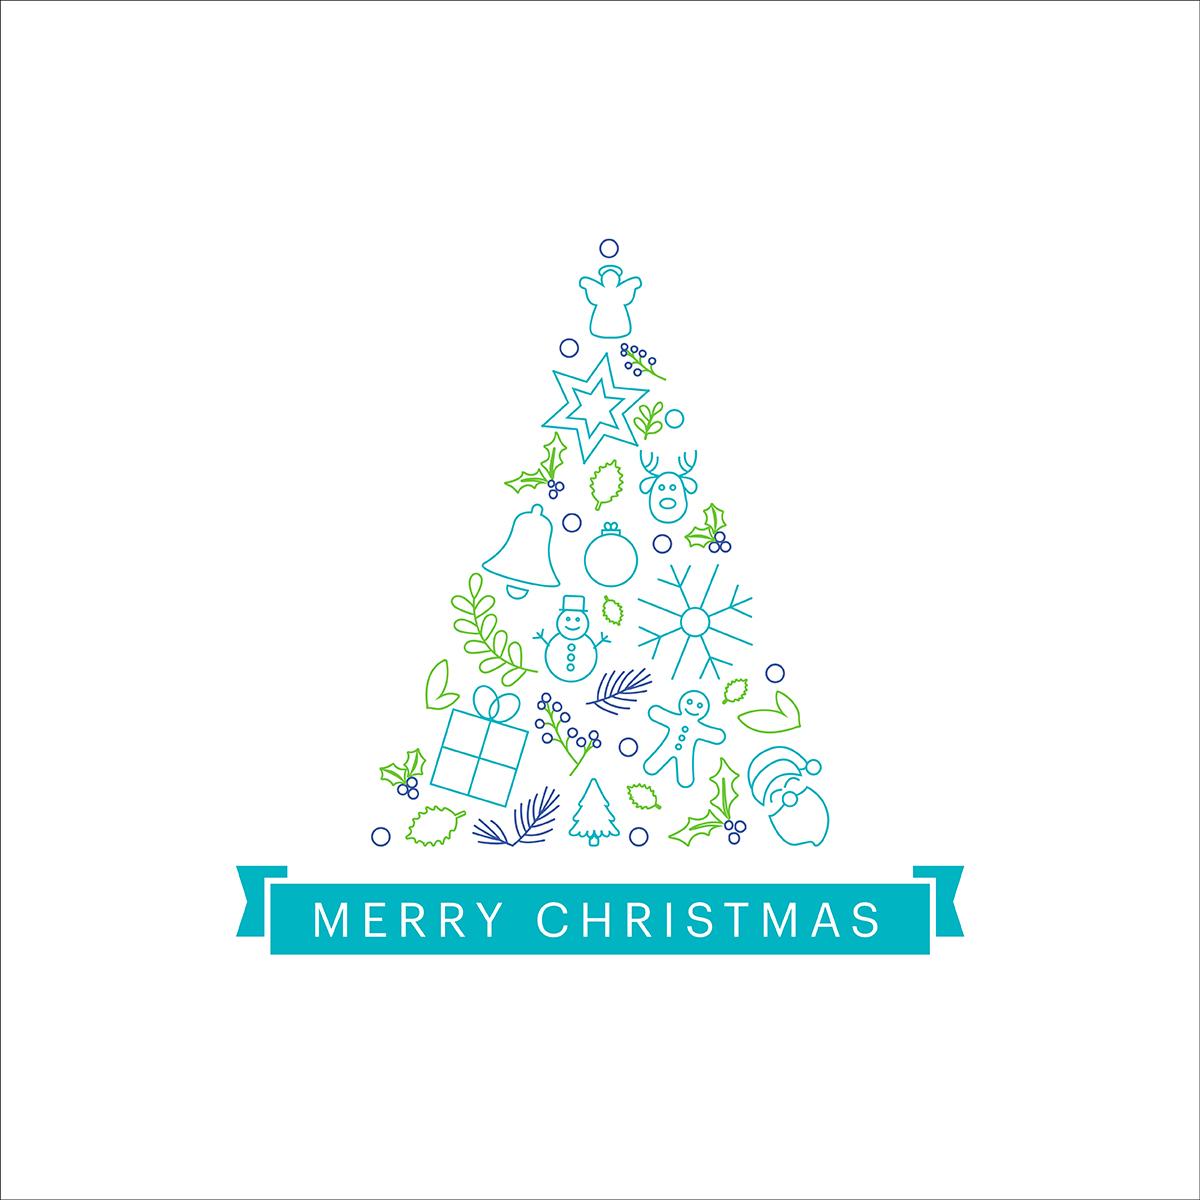 E Mail Weihnachtsgrüße Vorlagen.Verschicke Weihnachtsgrüße An Deine Kunden Kostenlose E Mail